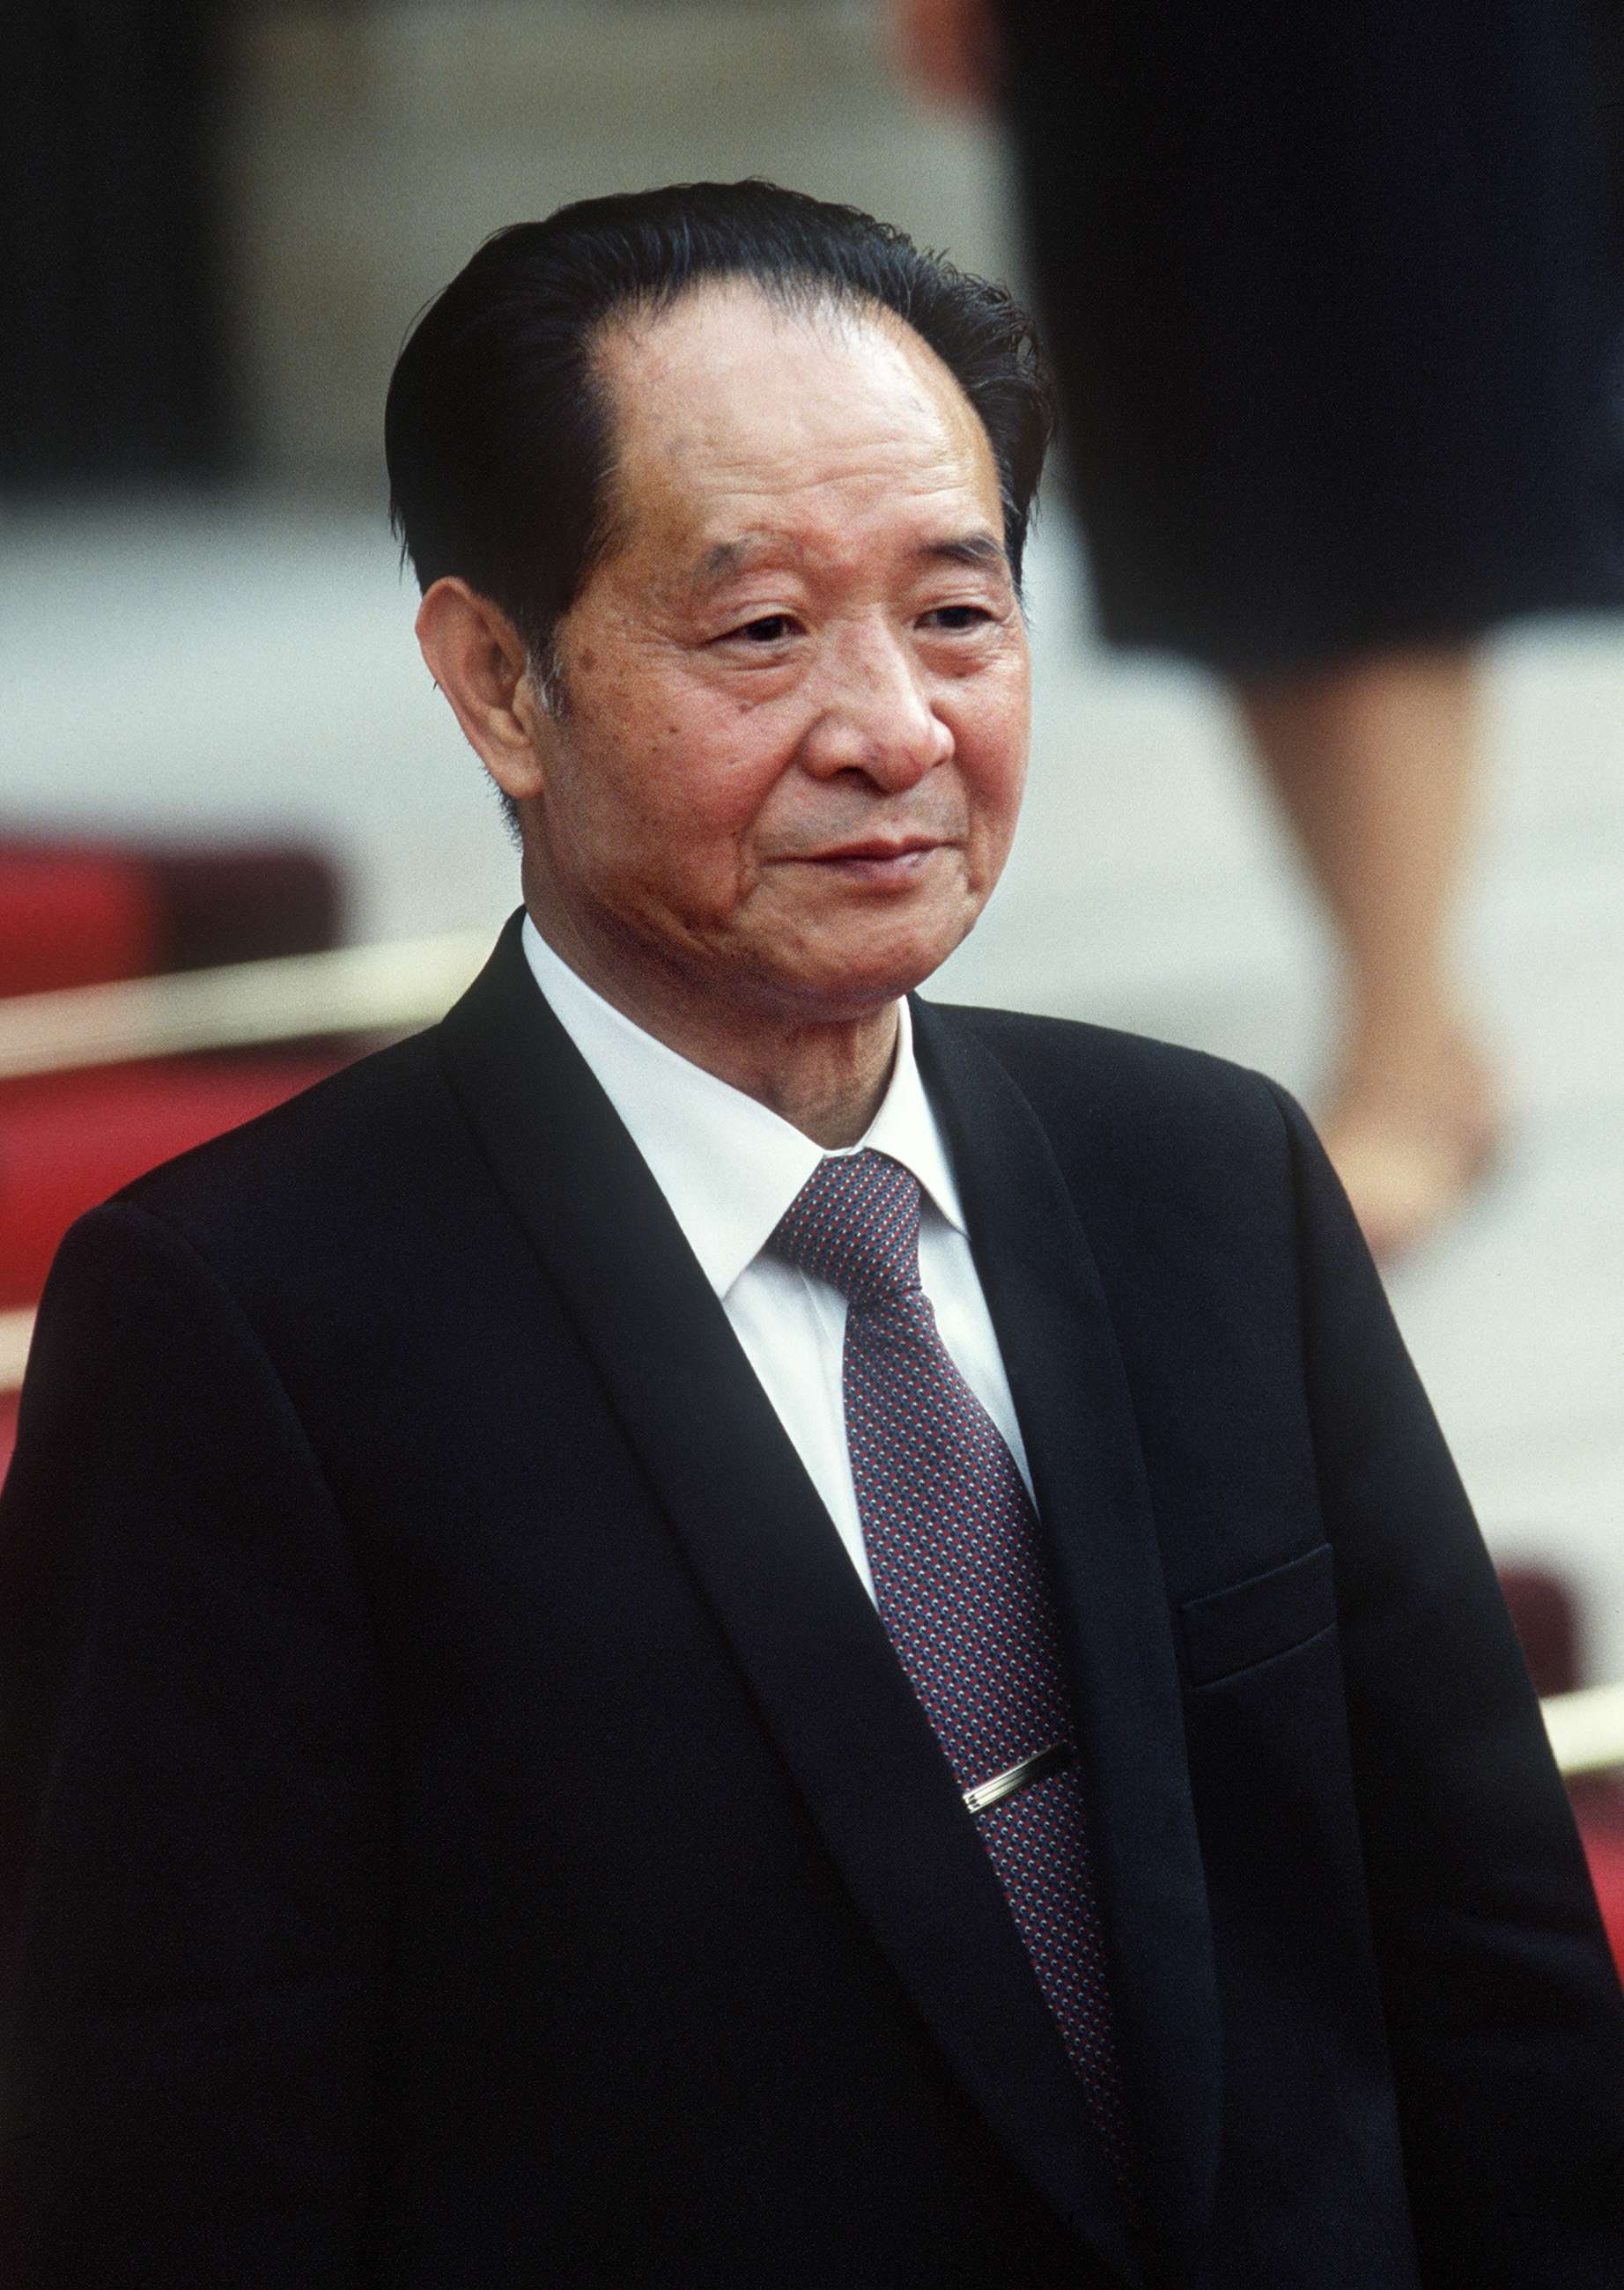 胡耀邦1986年6月16日訪問法國,在巴黎舉行記者會。(Getty Images)